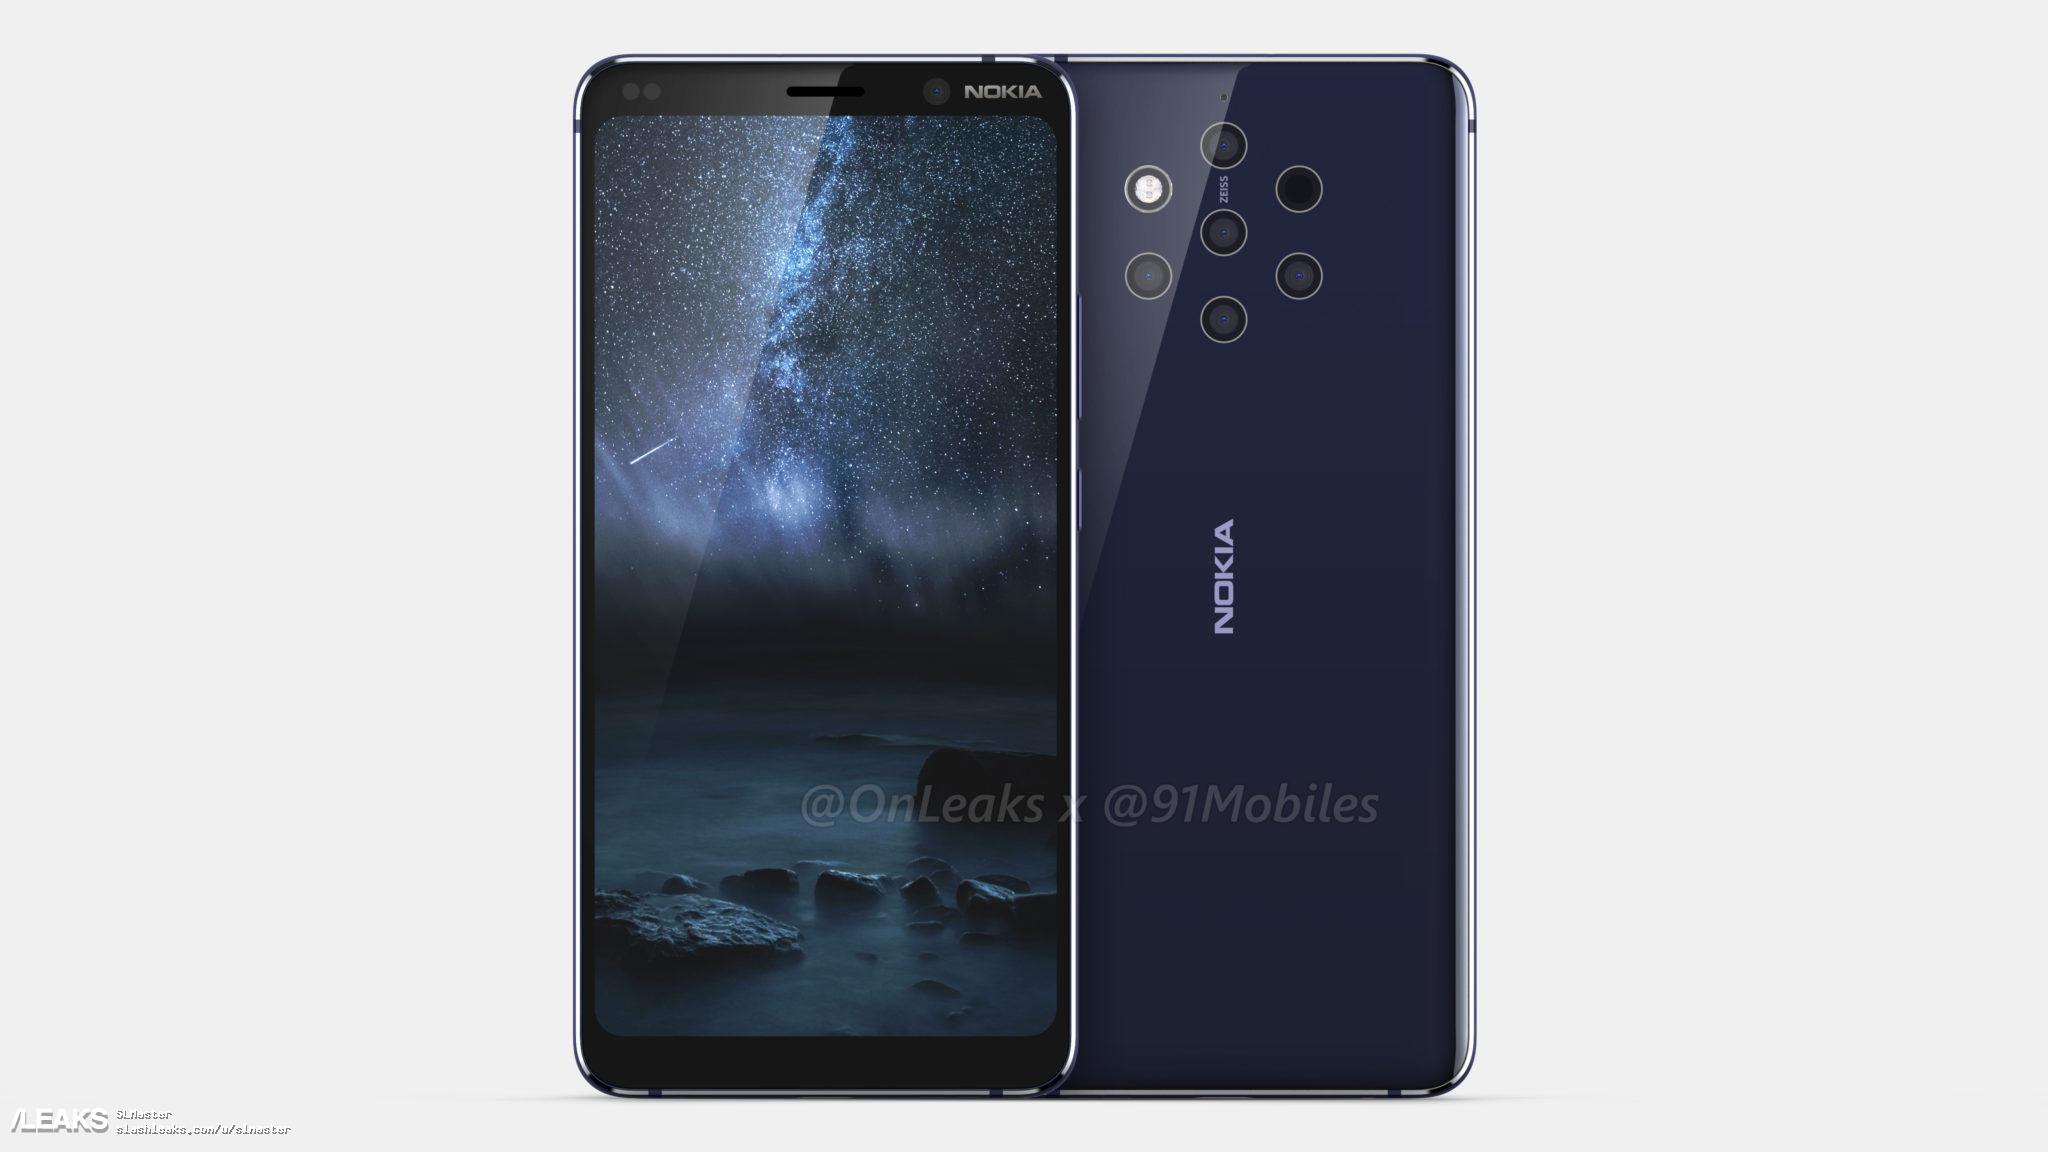 img Nokia 9 leak by Onleaks x 91mobiles